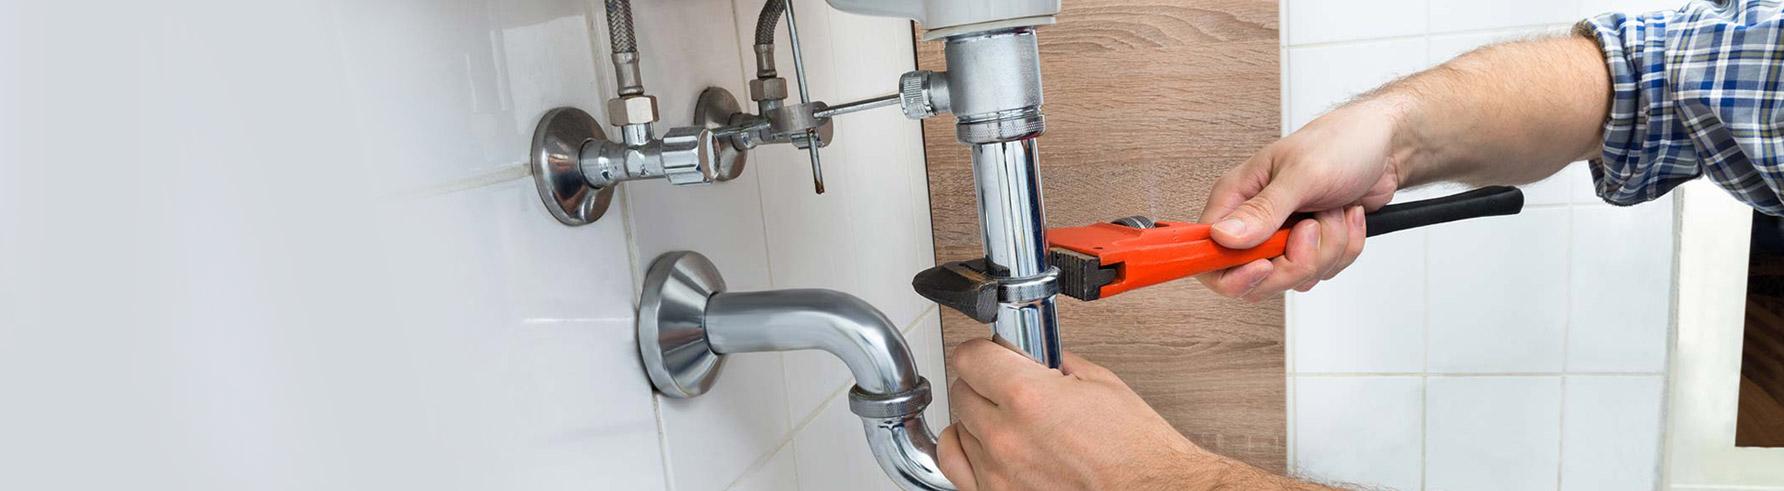 best plumber